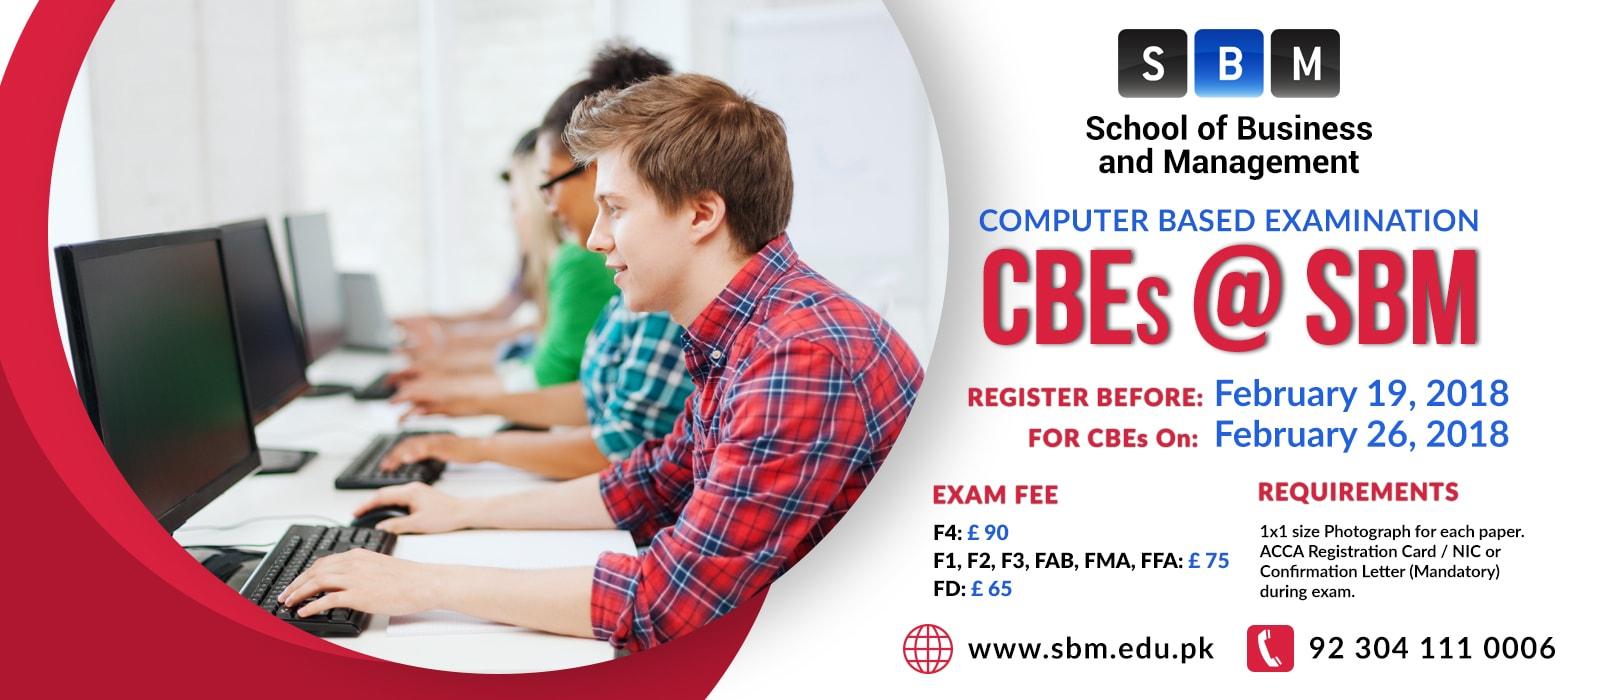 Register before 19 Feb for CBE exam on 26 Feb, 2018